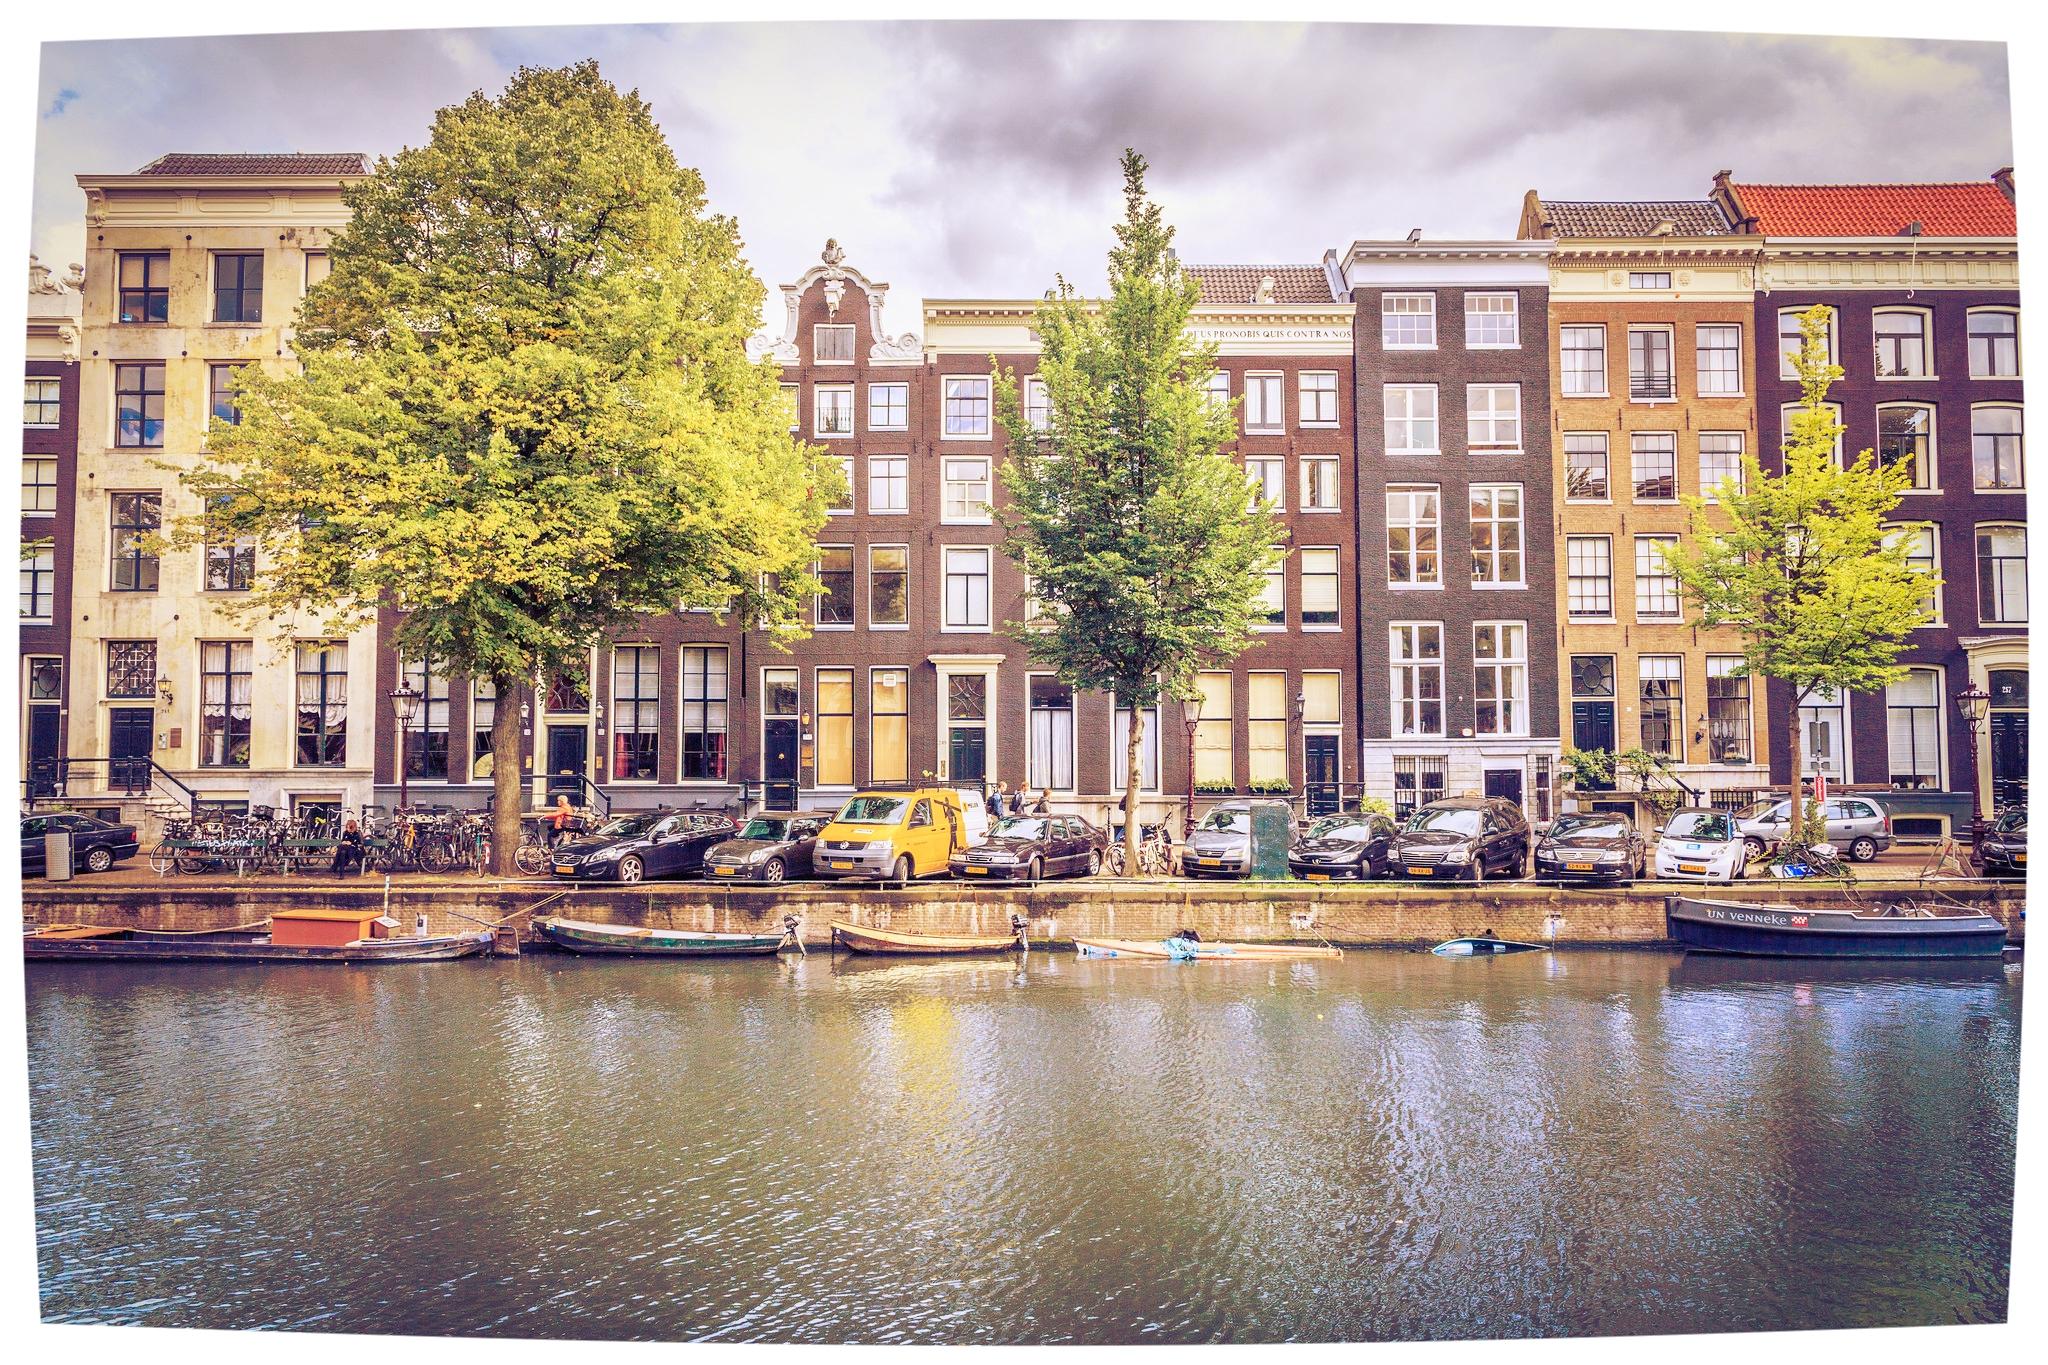 shareNL - Amsterdam Keizersgracht - Andrés Nieto Porras.jpg